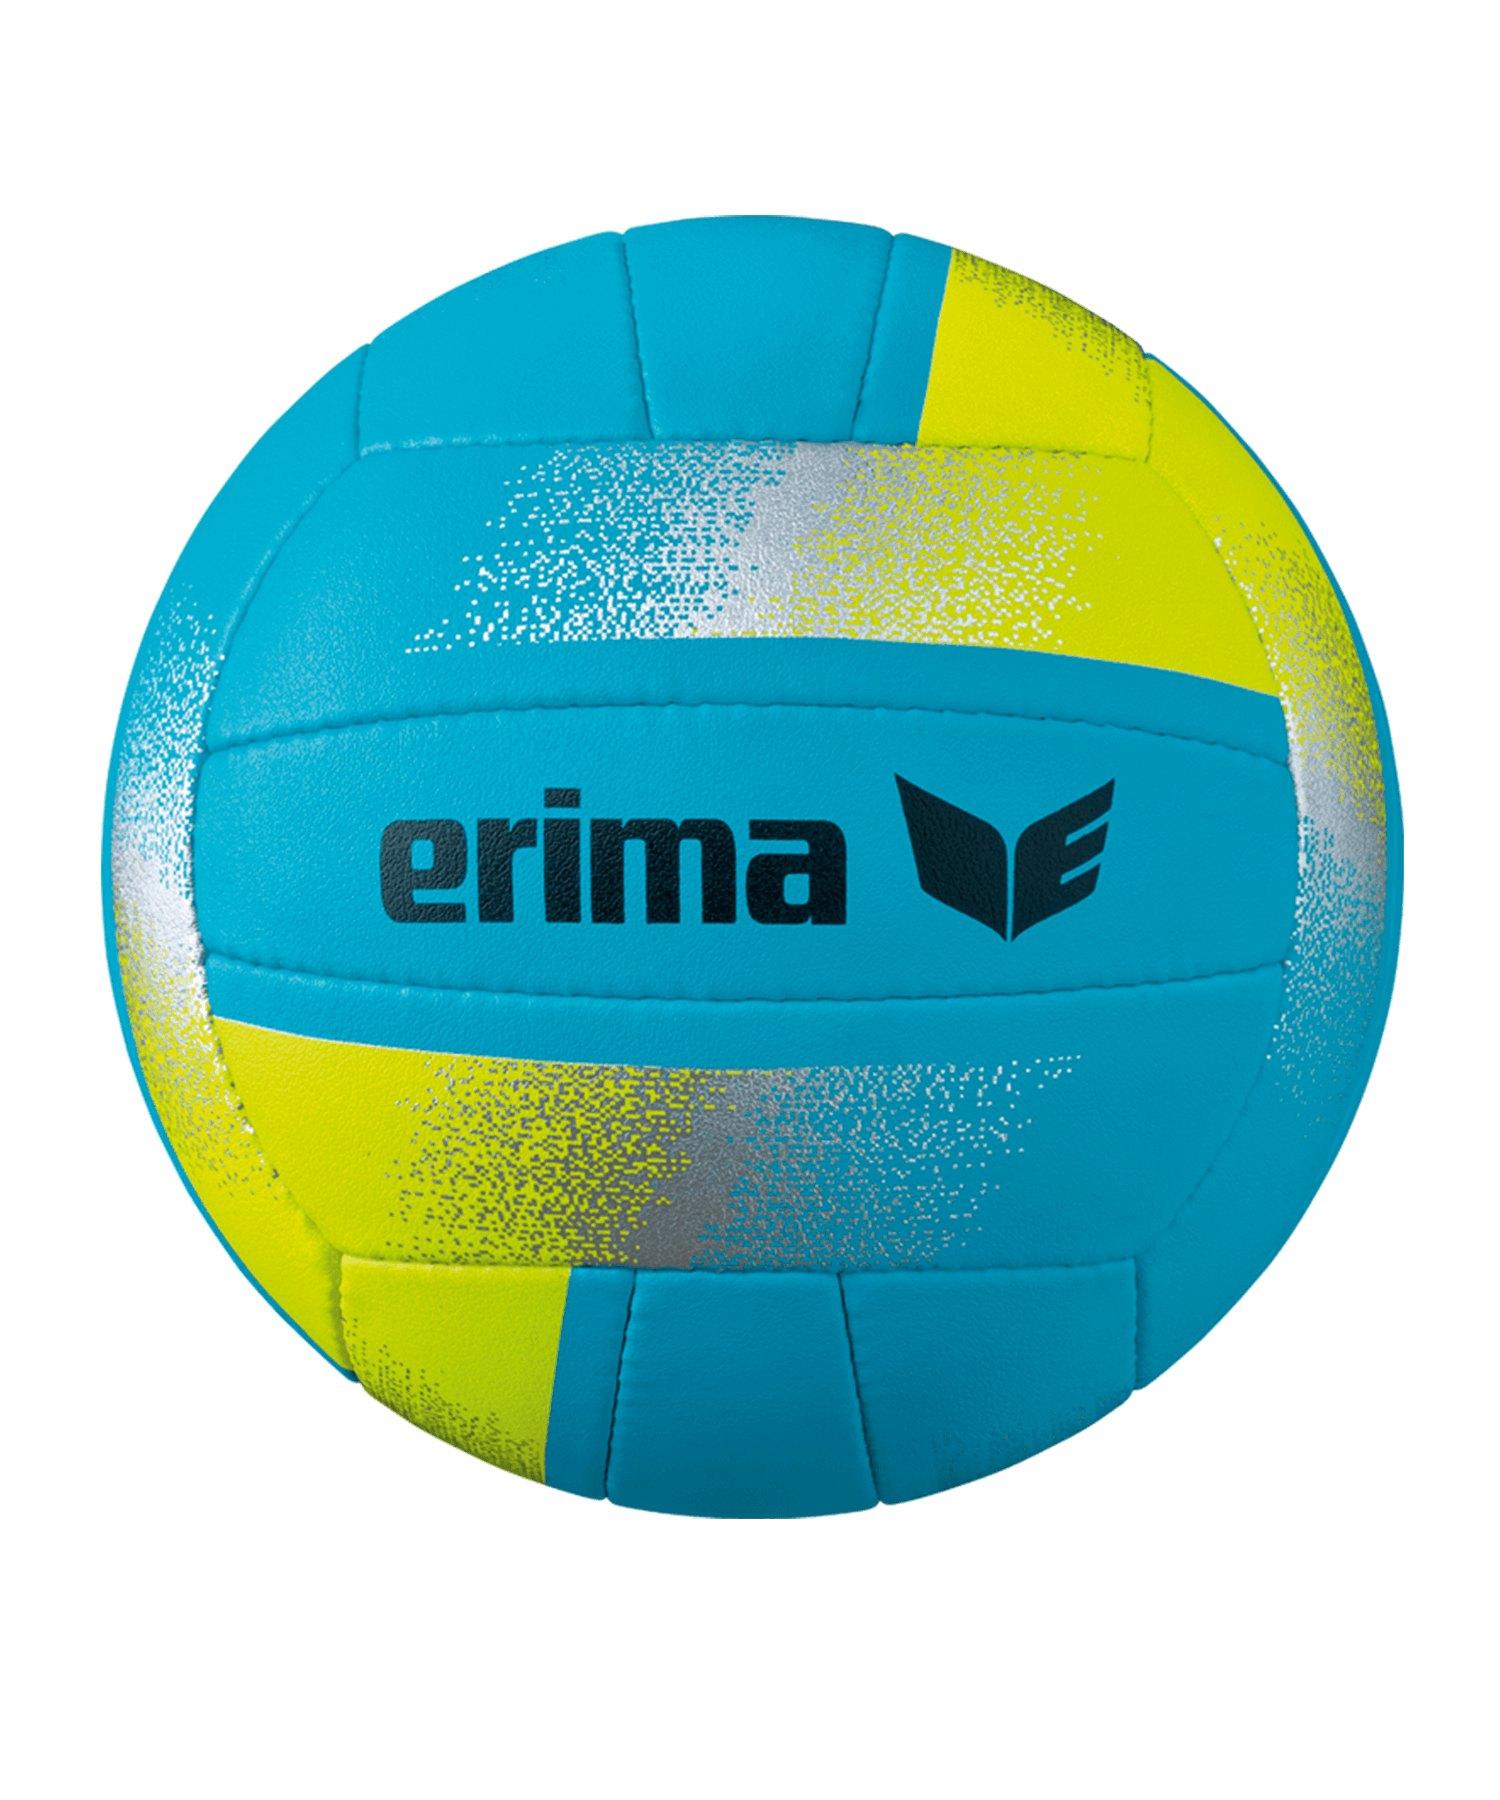 Erima King of the Beach Volleyball Gr.5 Blau Gelb - blau